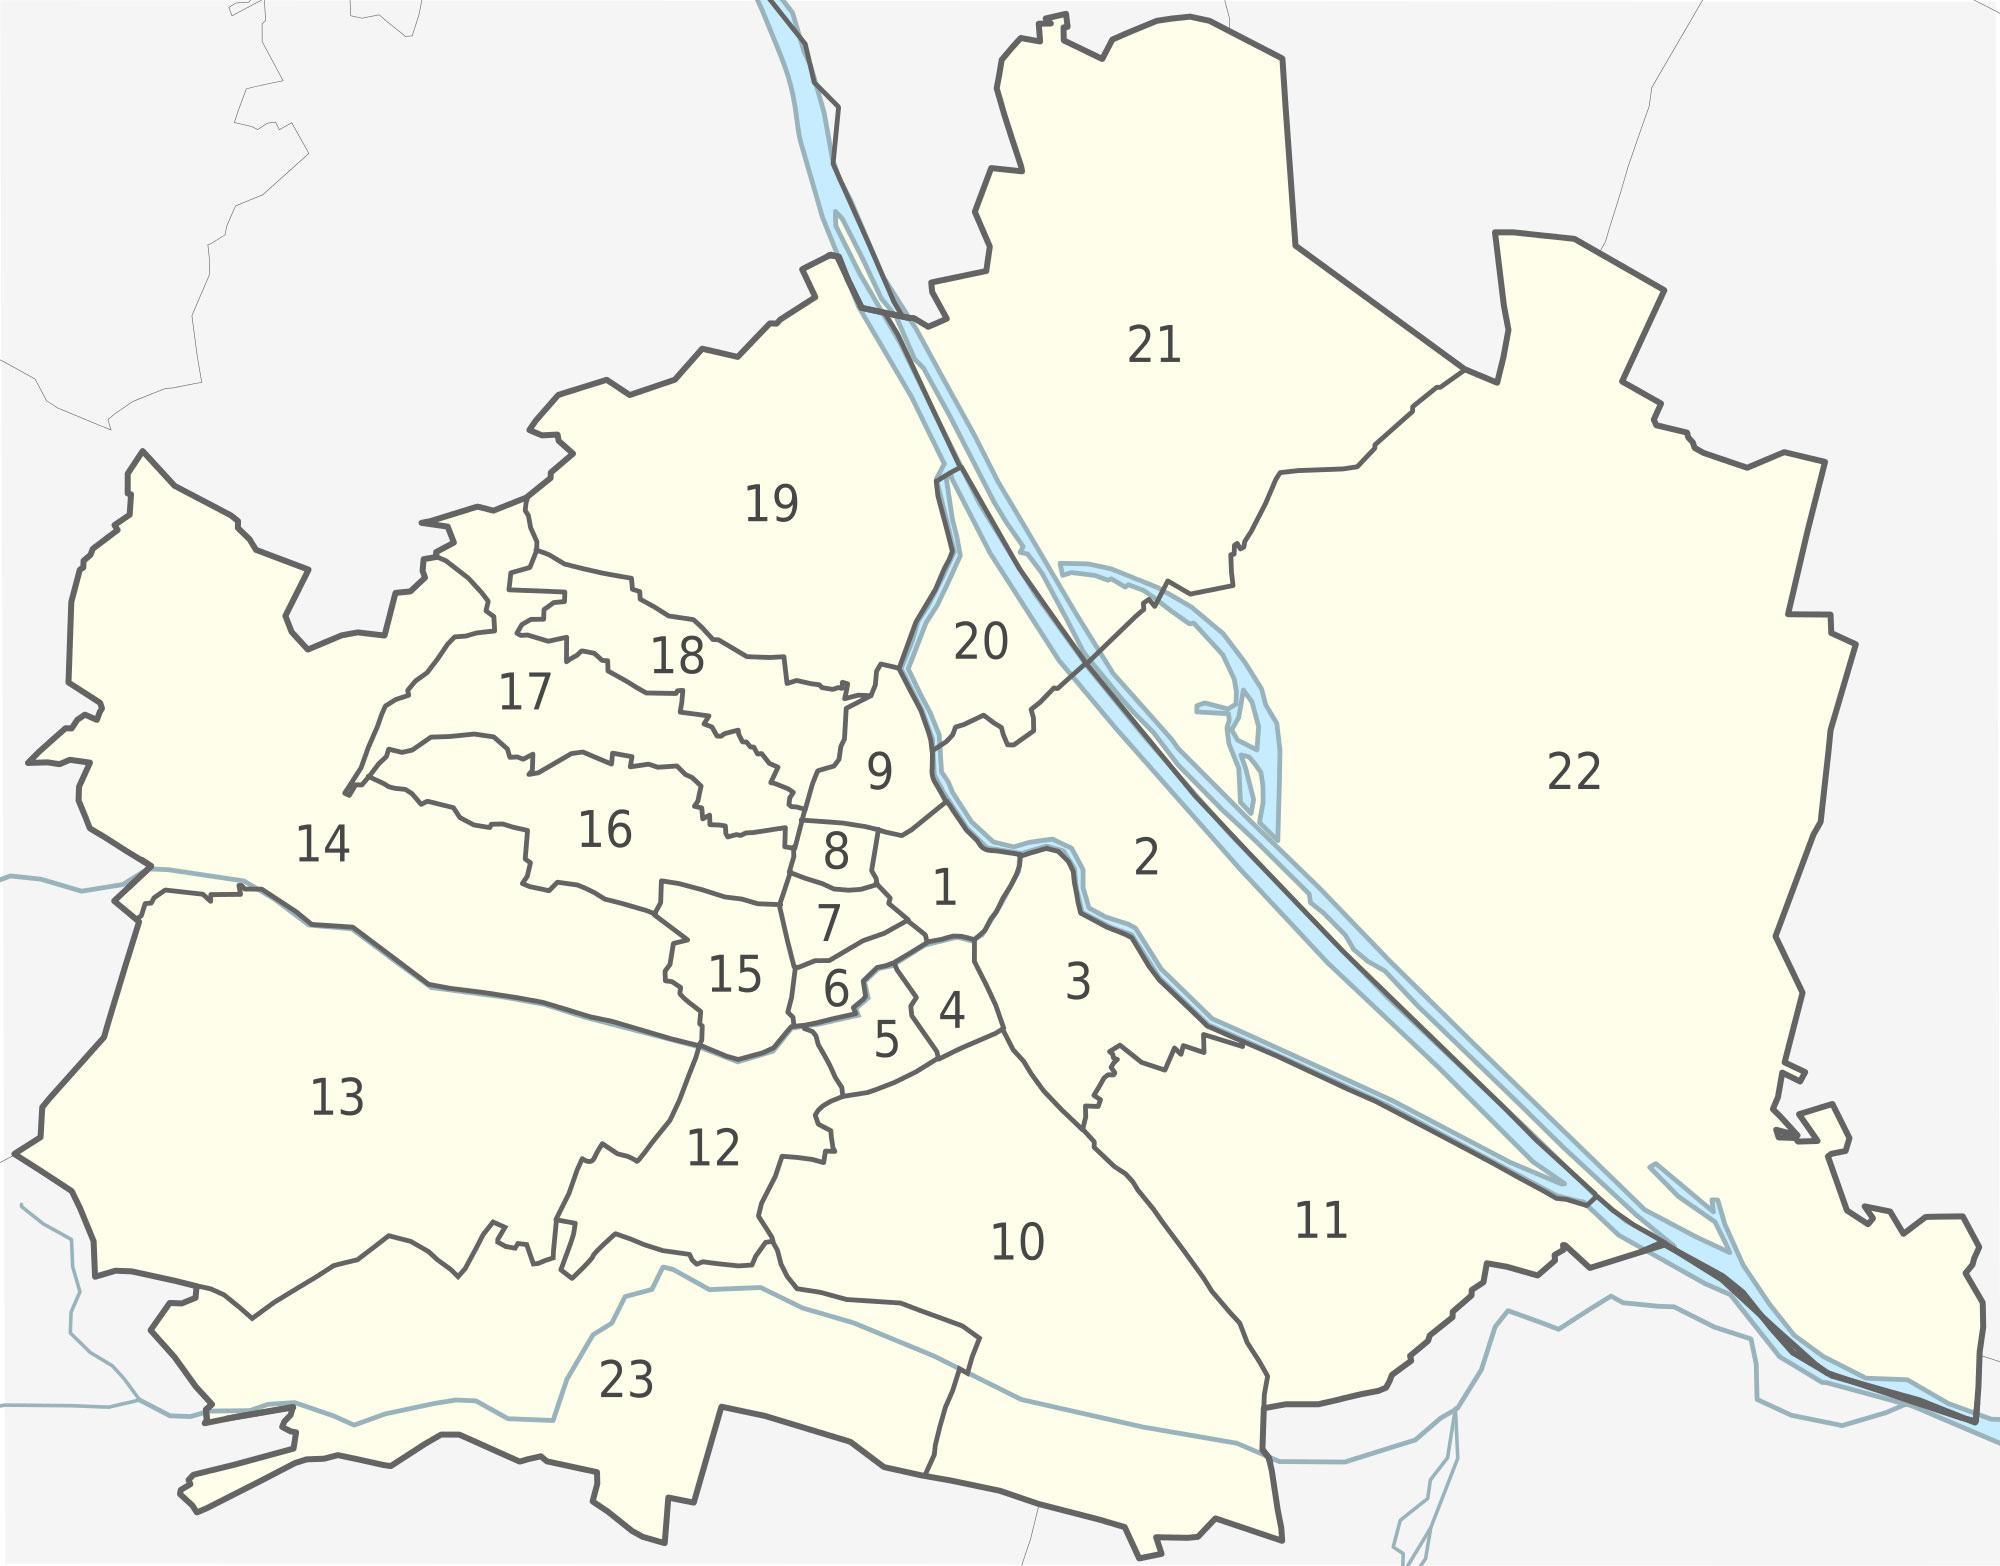 Karte München Stadtteile.Stadtplan München Viertel